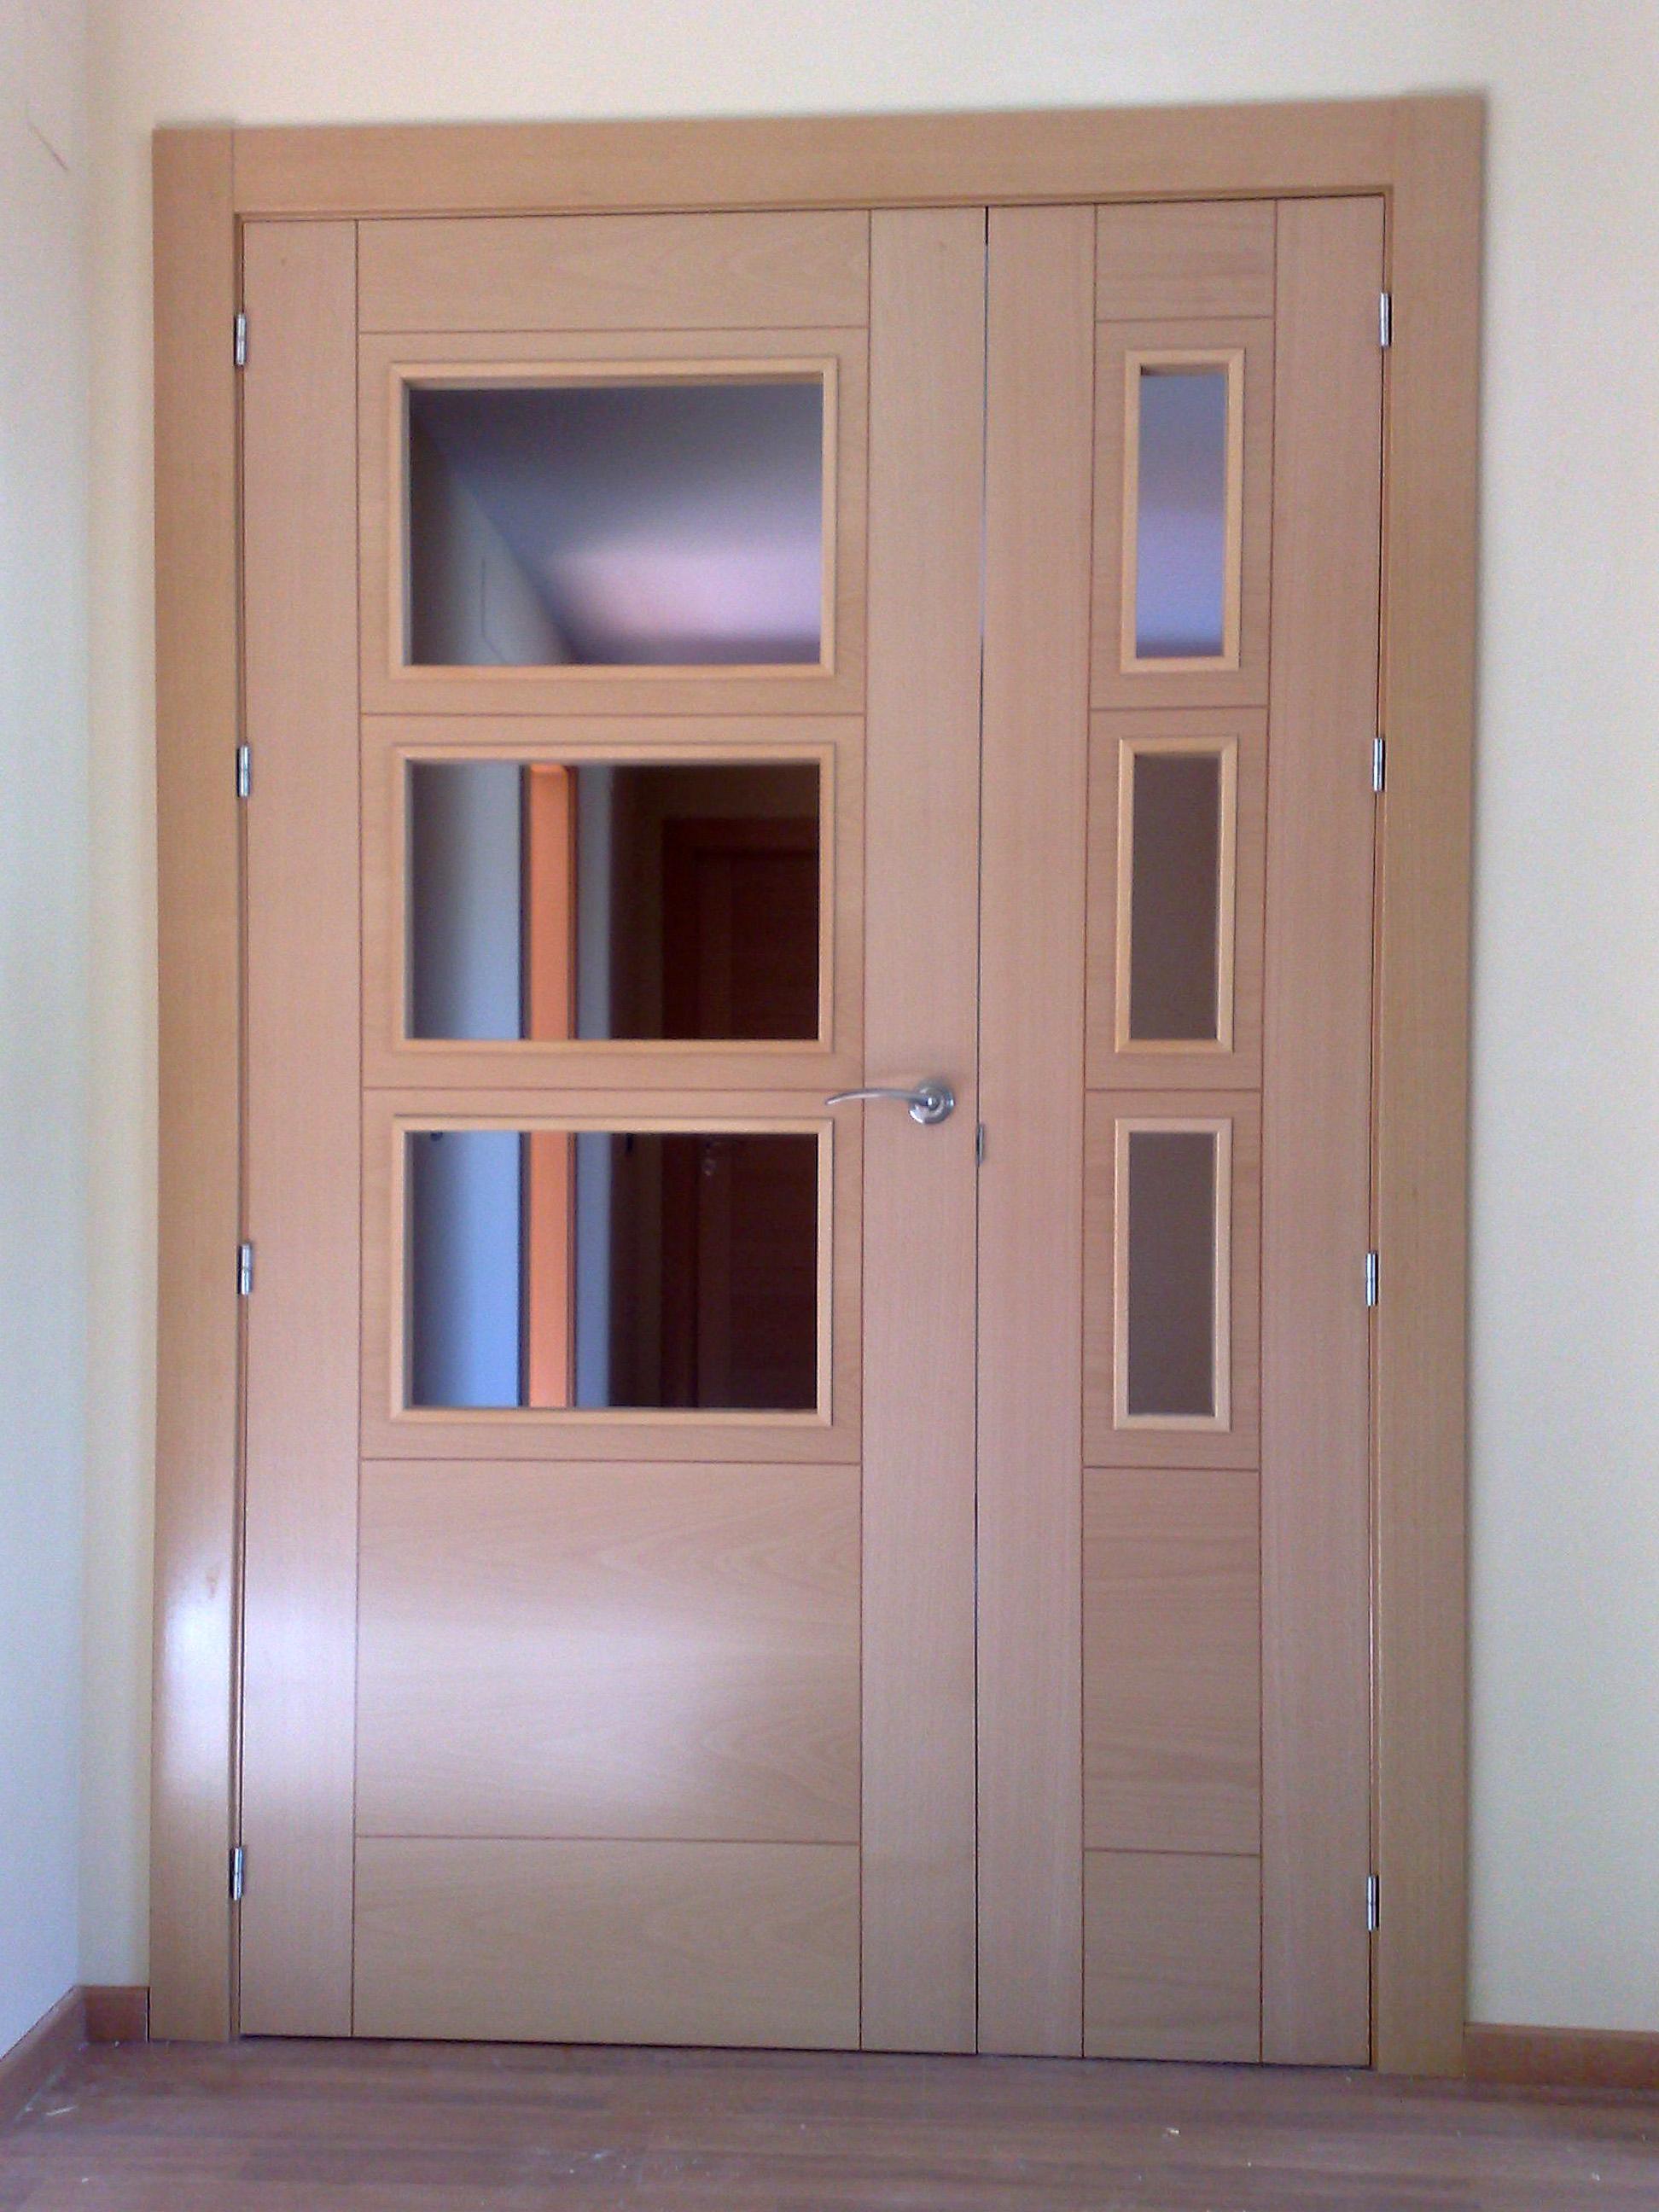 Le decoramos el interior de su vivienda puertas avenida - Puertas para comedor ...